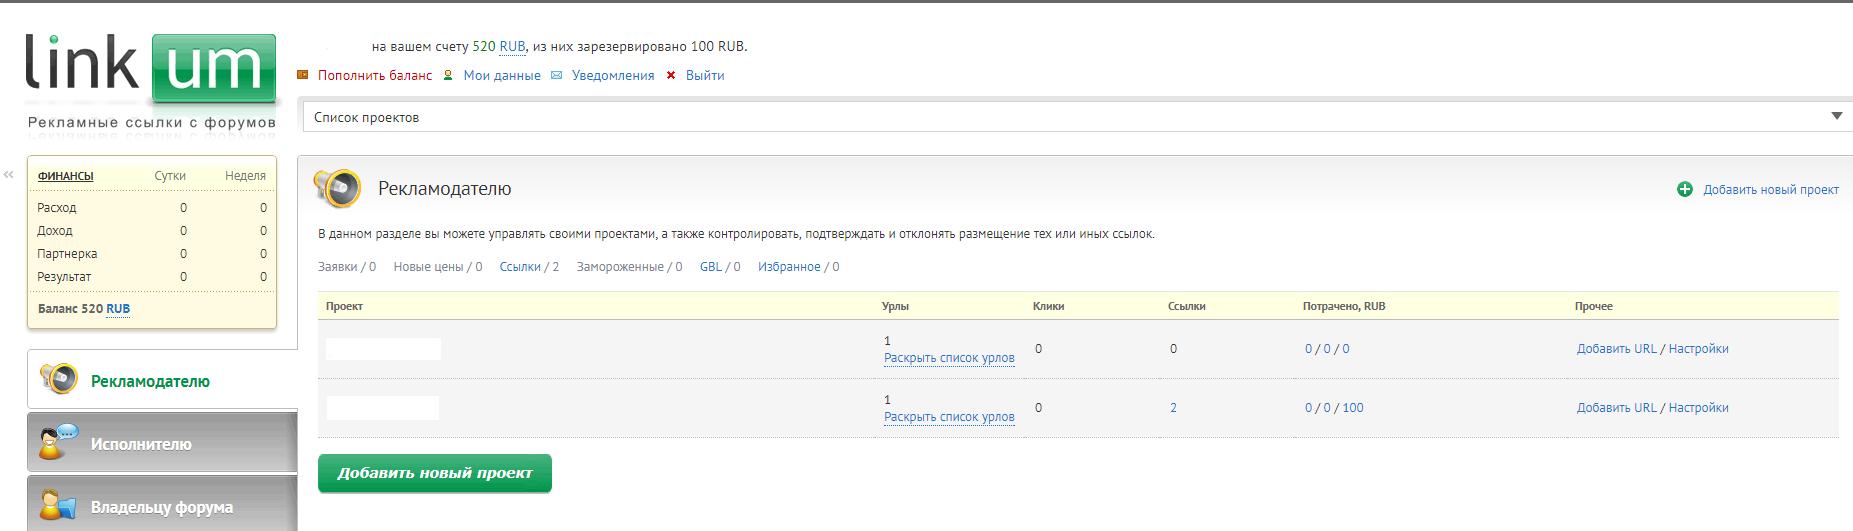 Linkum.ru